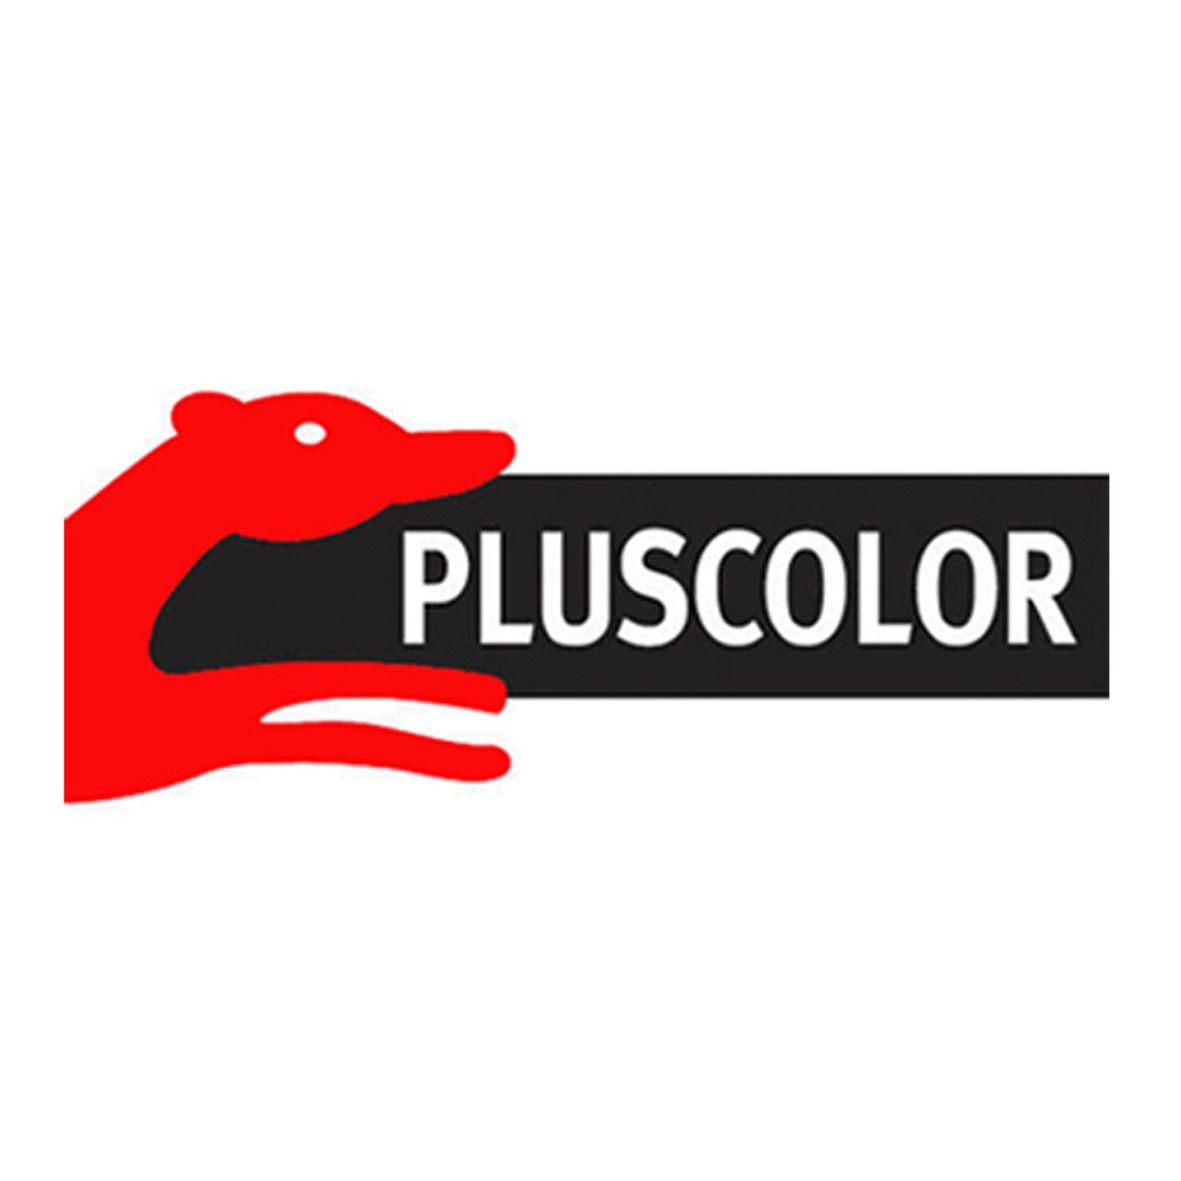 PLUSCOLOR